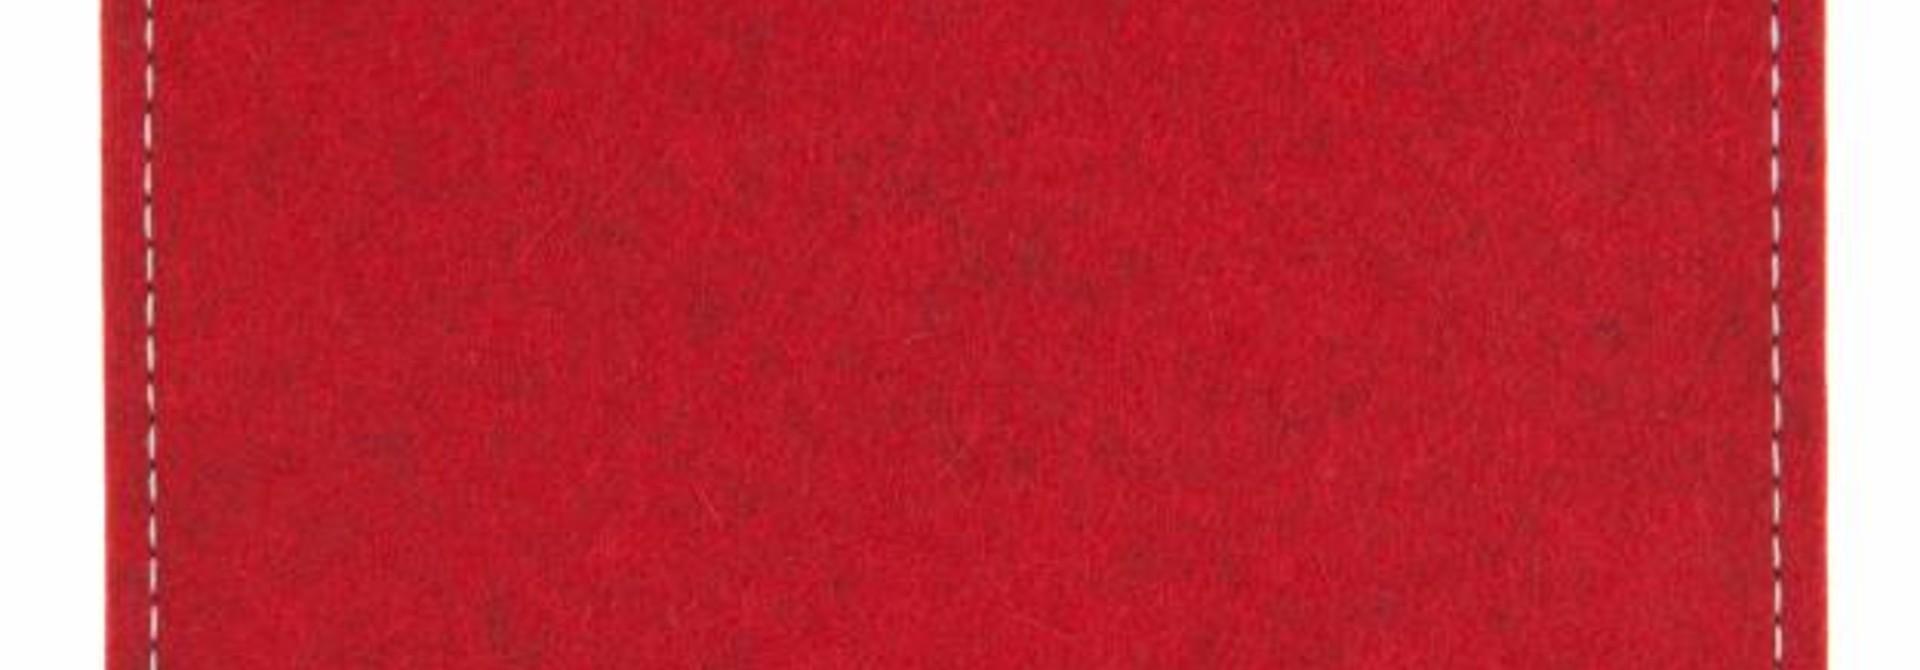 Surface Sleeve Kirschrot